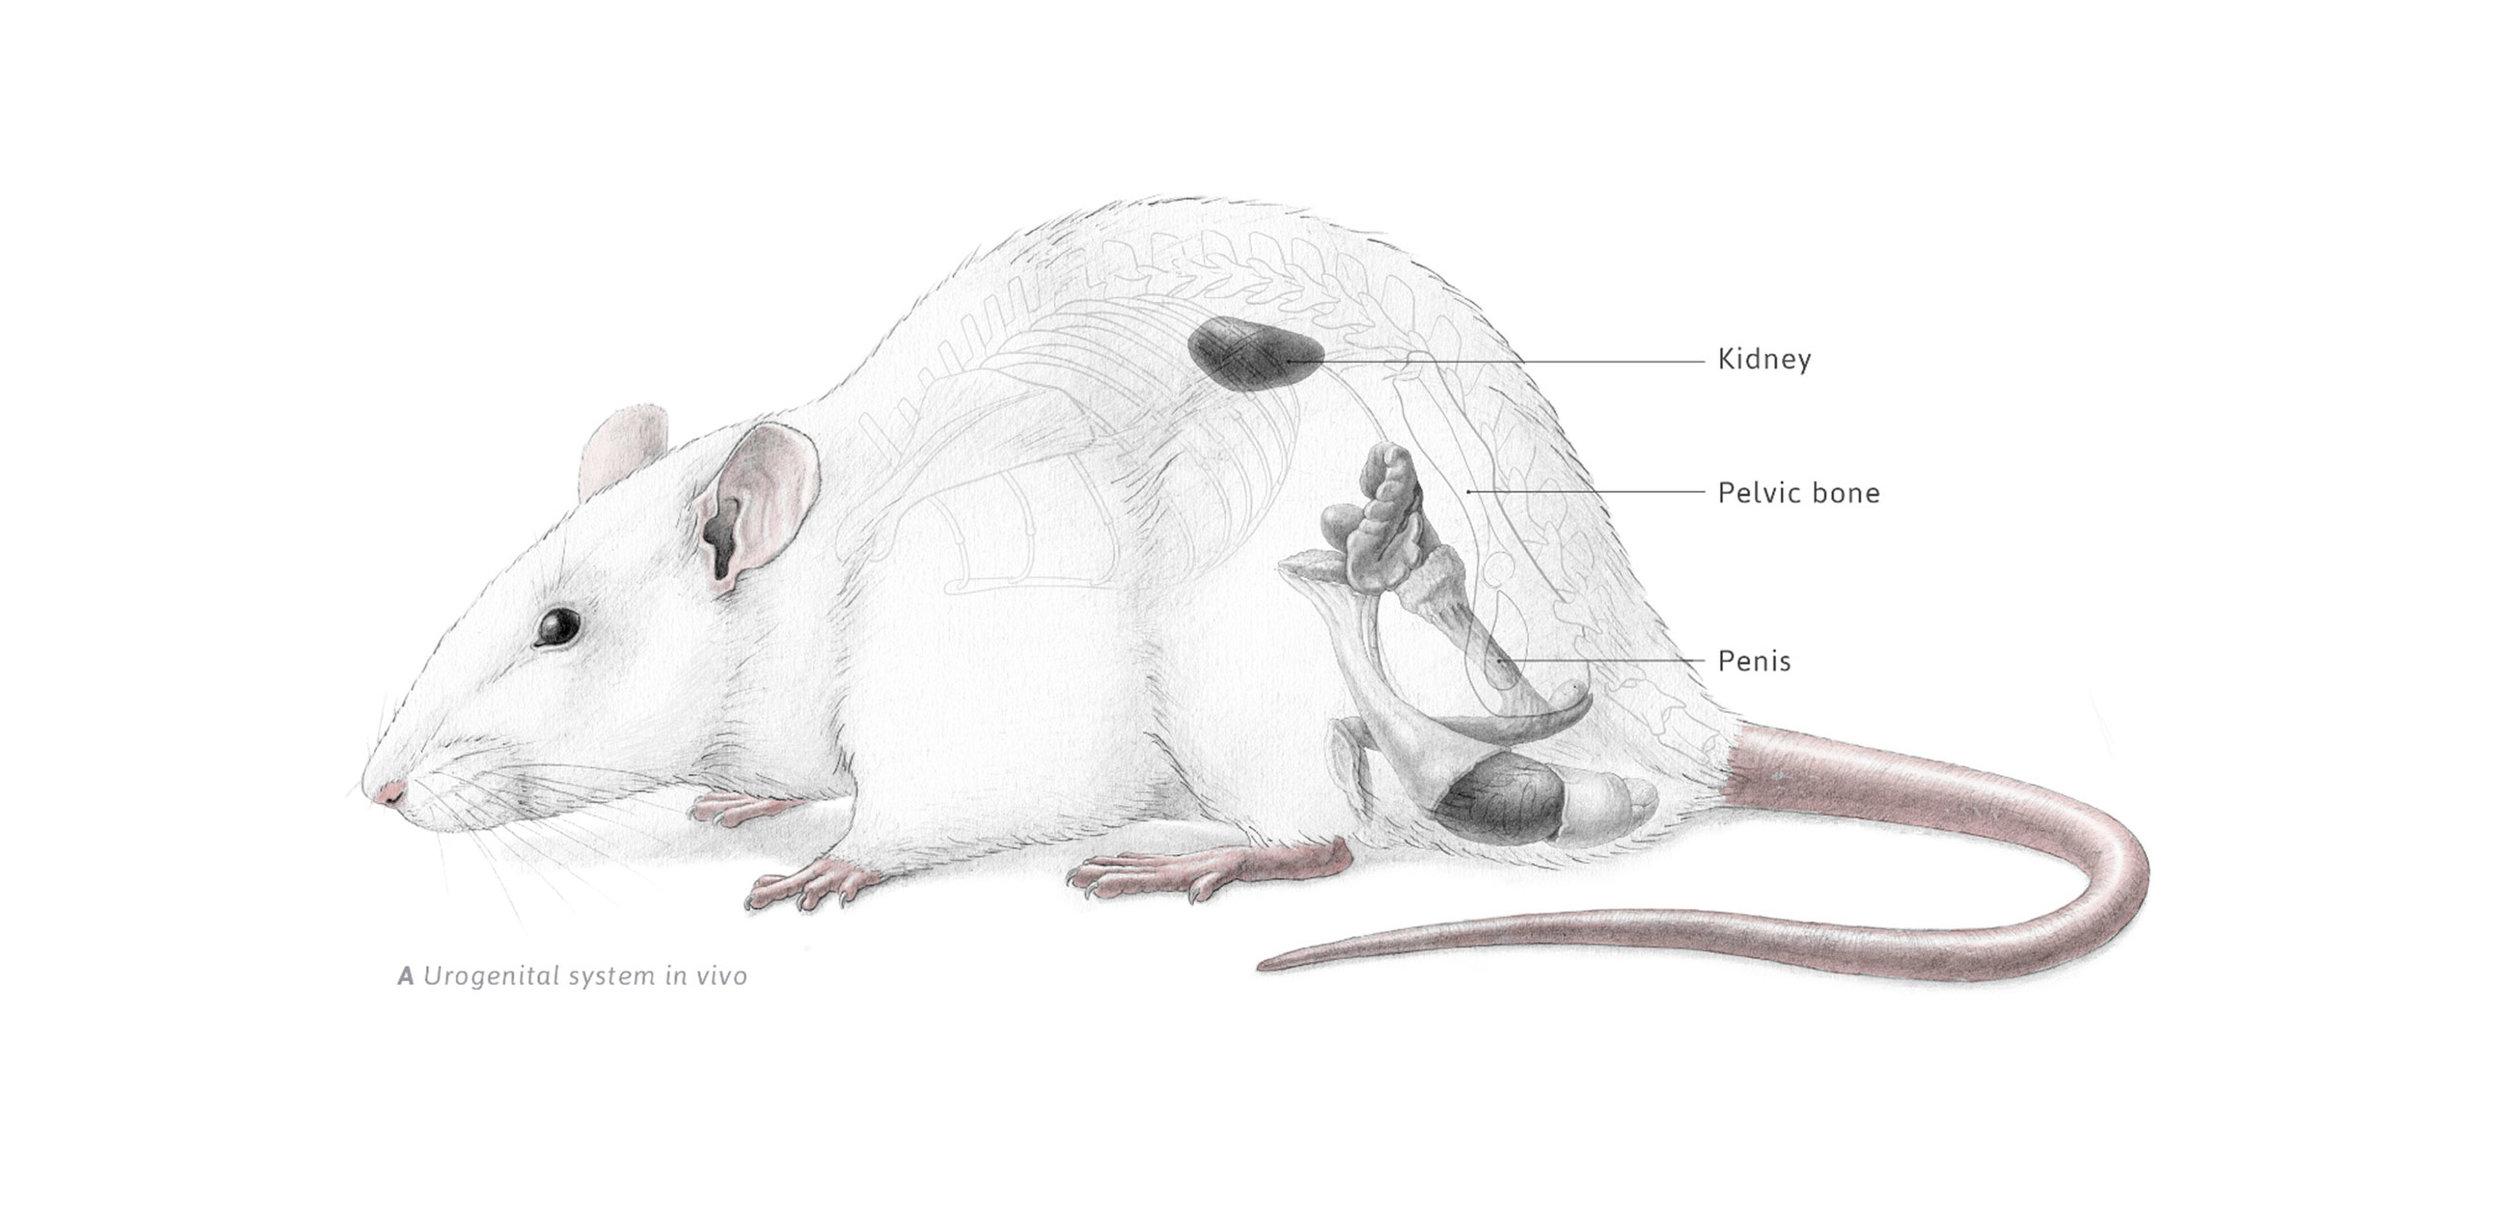 Wissenschaftliche Darstellungen des Urogenitalsystems einer Ratte ...